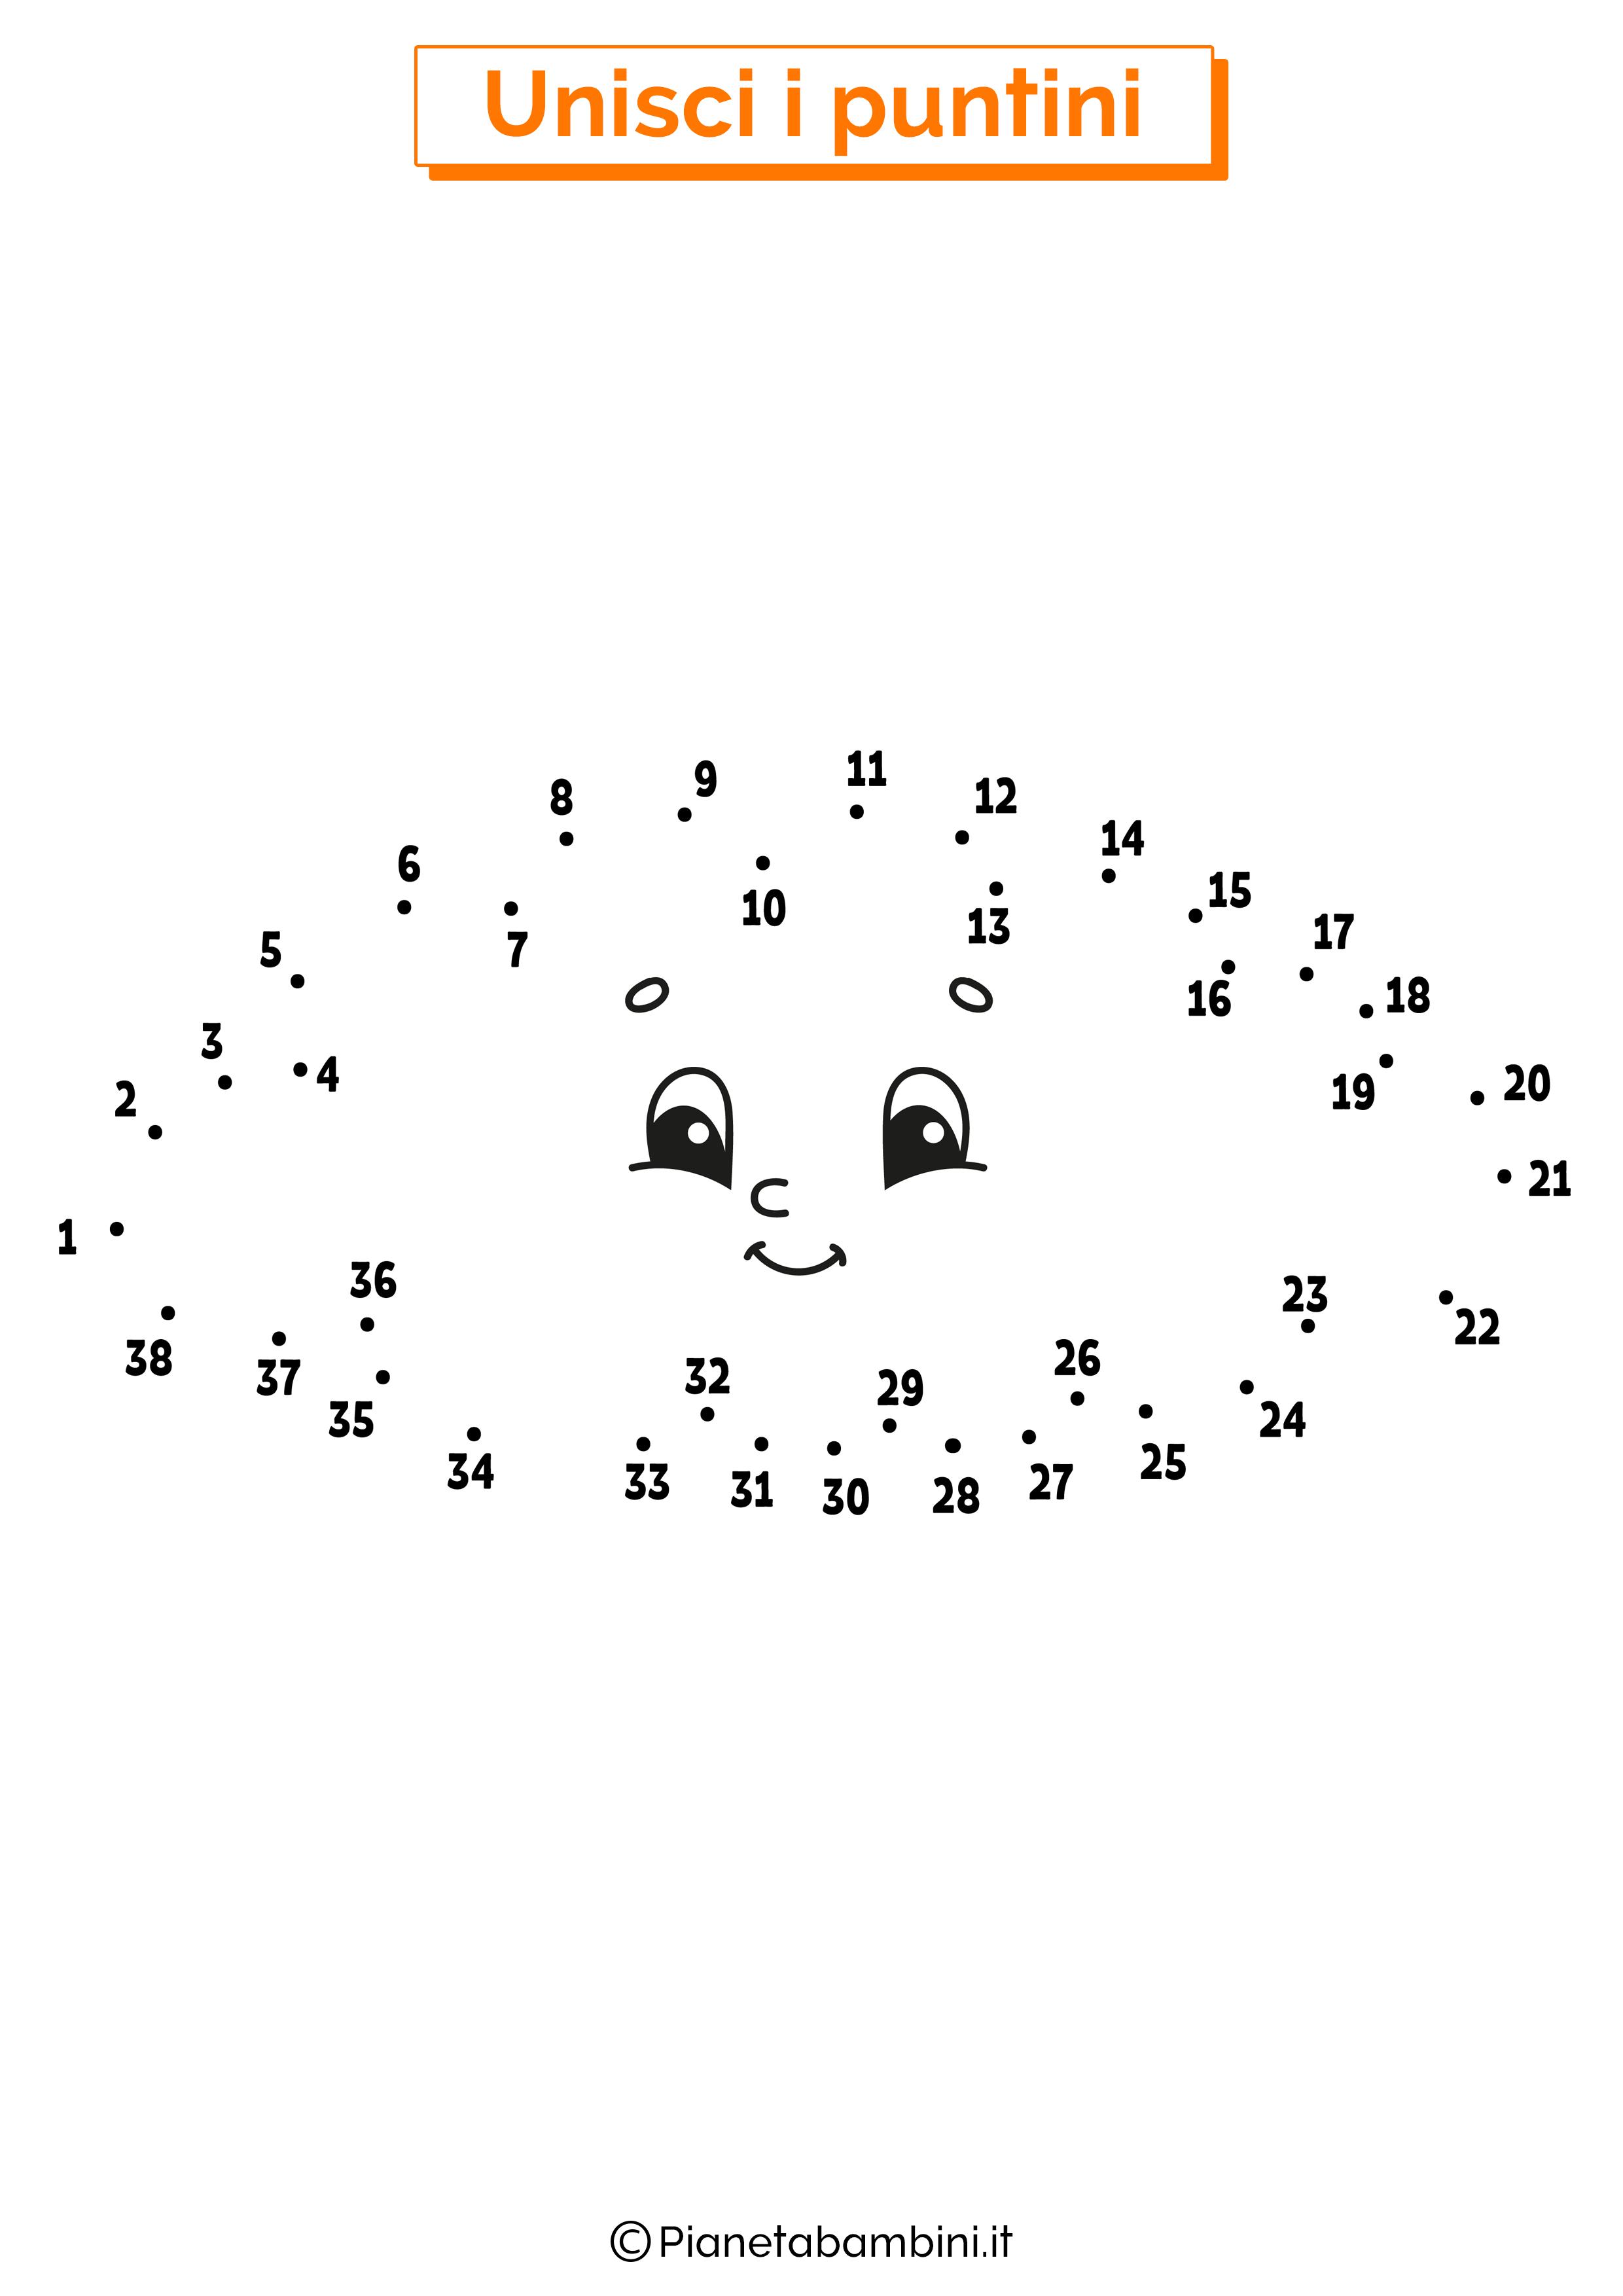 Disegno unisci i puntini 1-40 nuvola